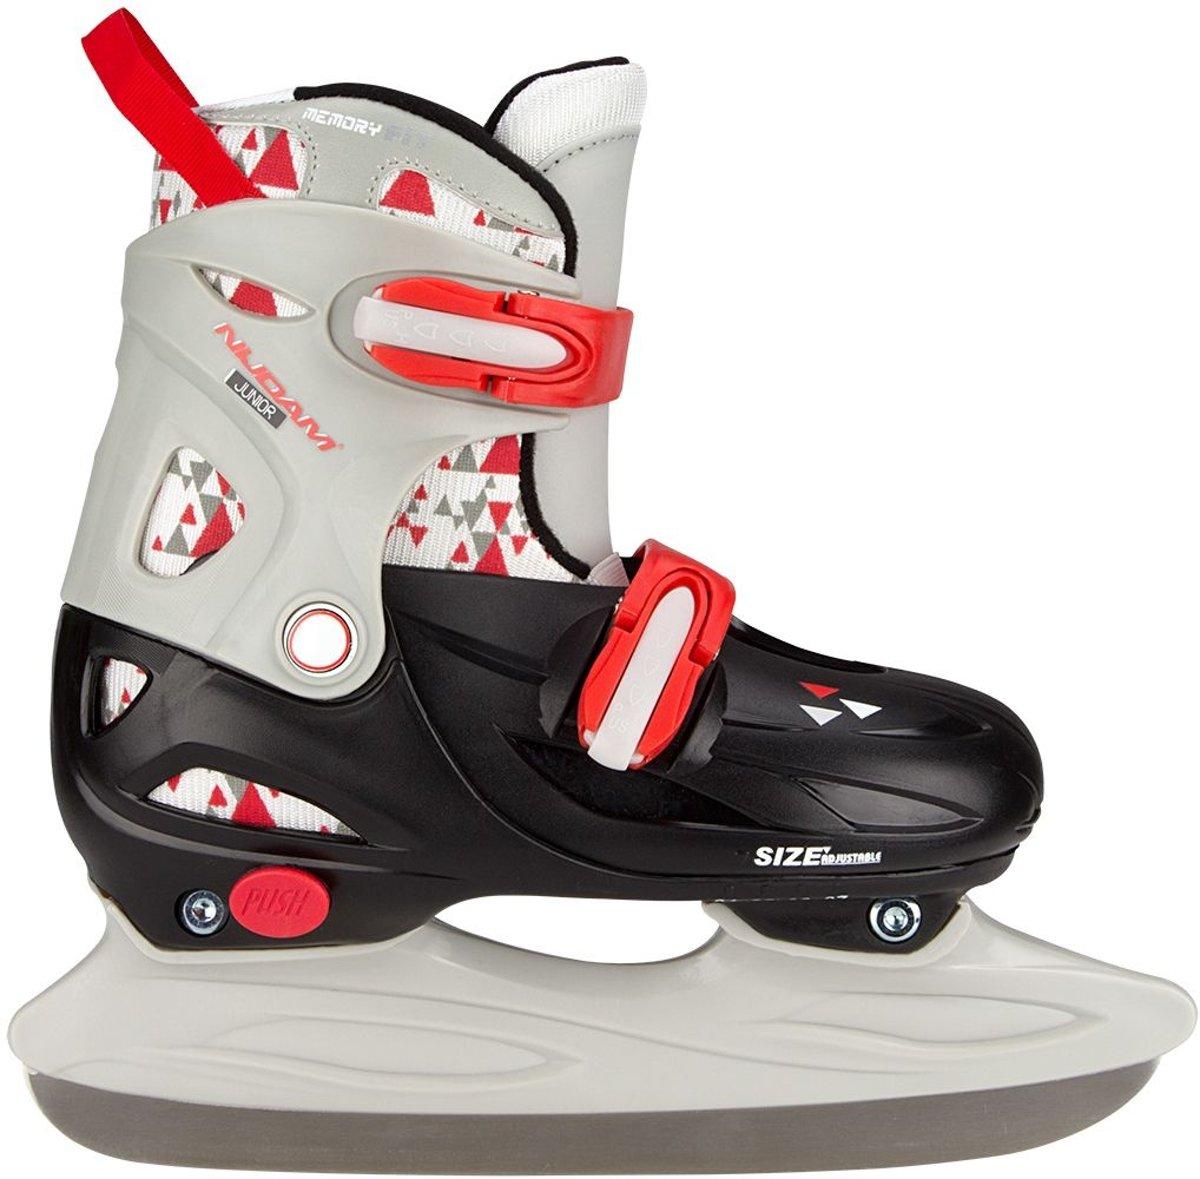 Nijdam Junior IJshockeyschaats Junior Verstelbaar - Hardboot - Zwart/Grijs/Rood - 30-33